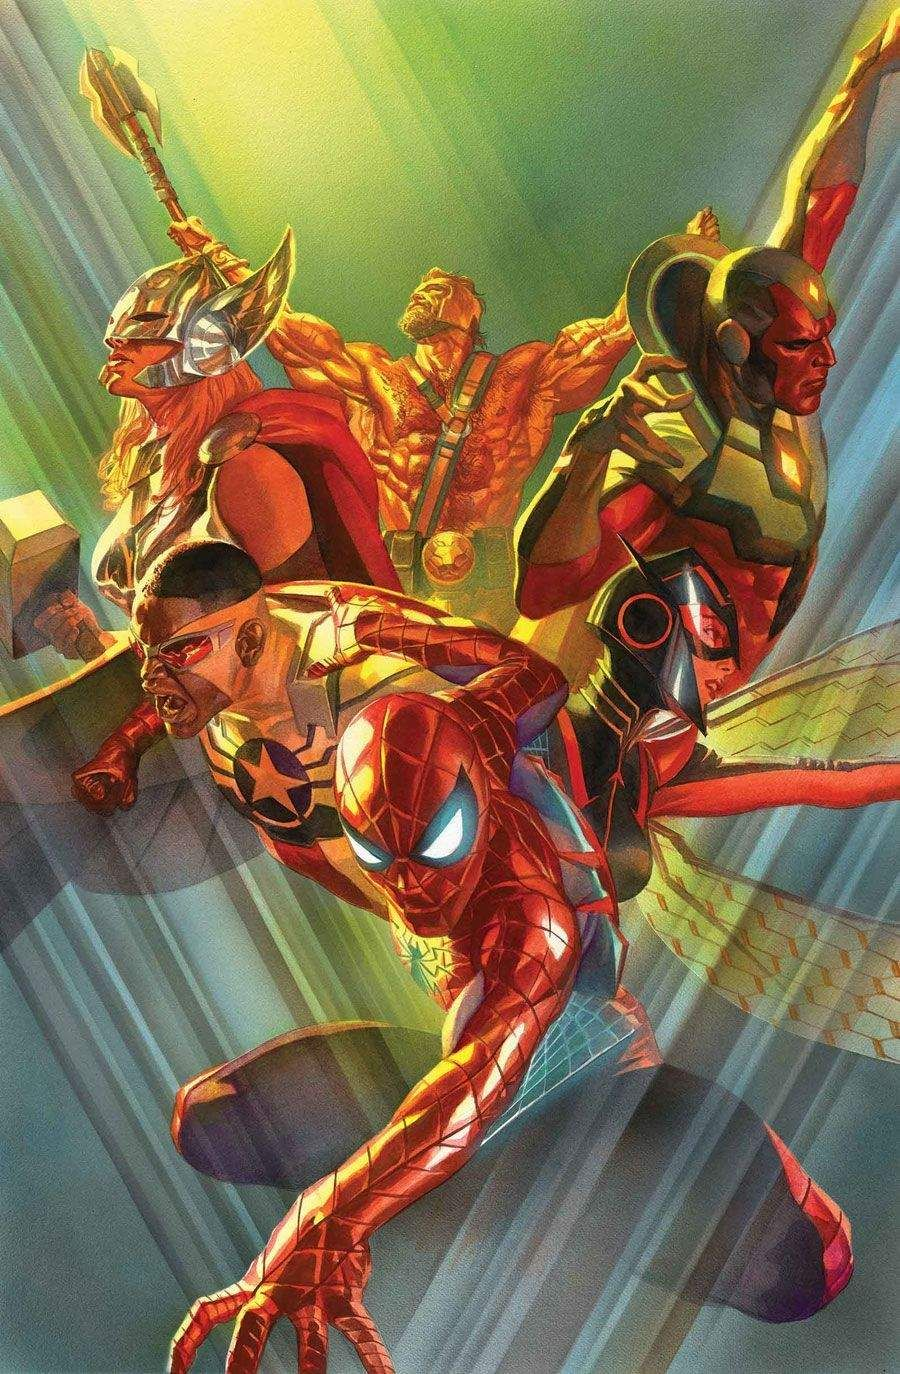 MARVEL ALEX ROSS BUTTON PINS Spiderman Hulk Iron Man Cpt America Thor Wolverine